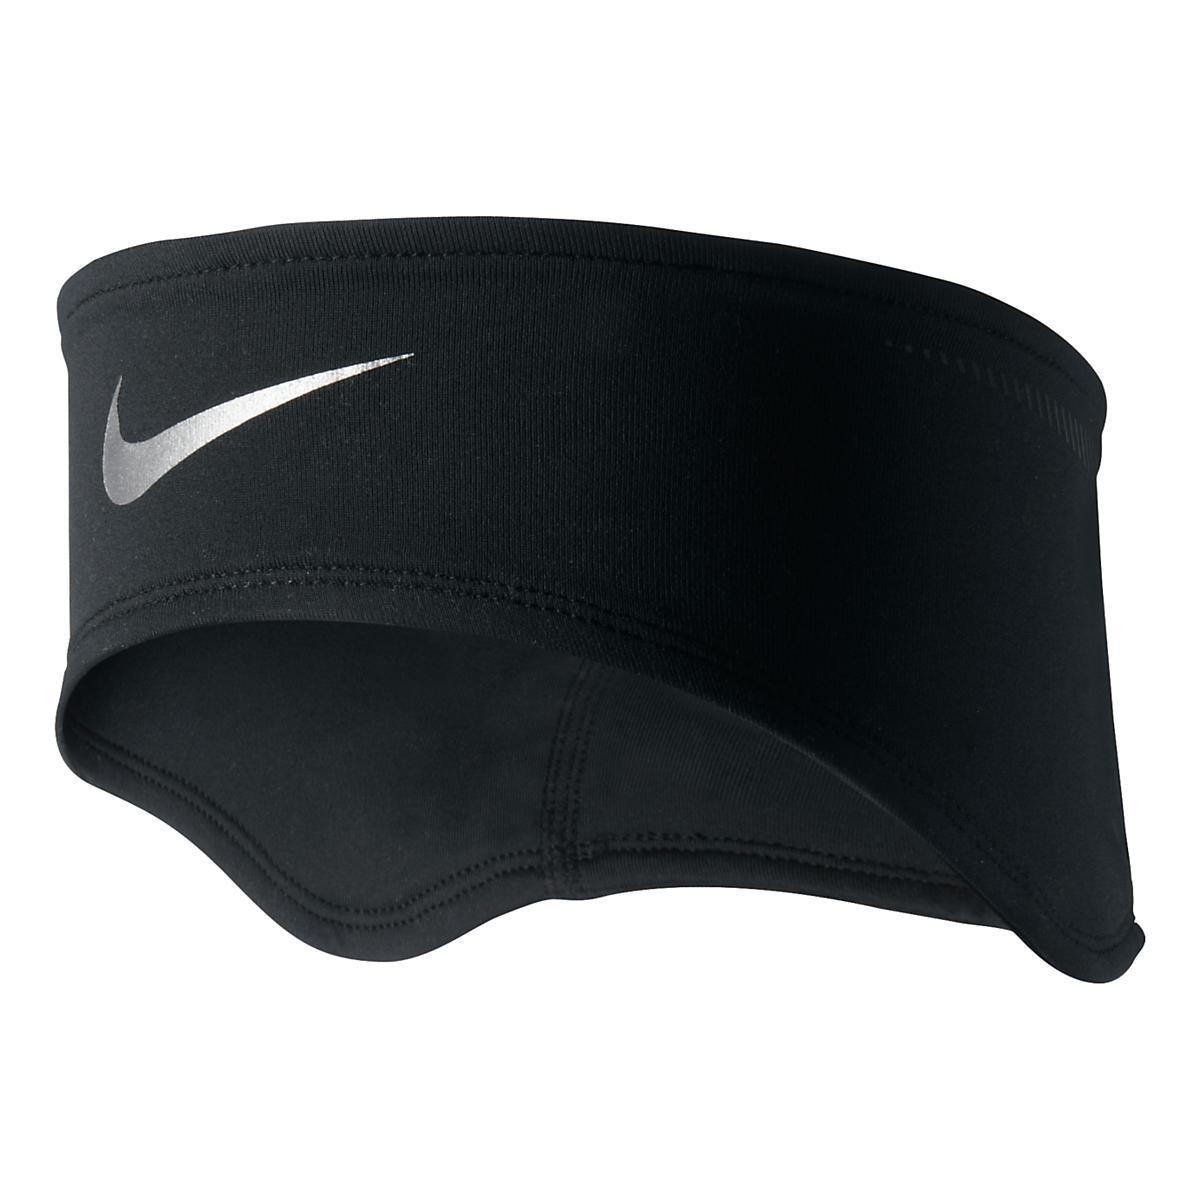 a75101e25b910 Nike Lightweight Running Headband Headwear at Road Runner Sports